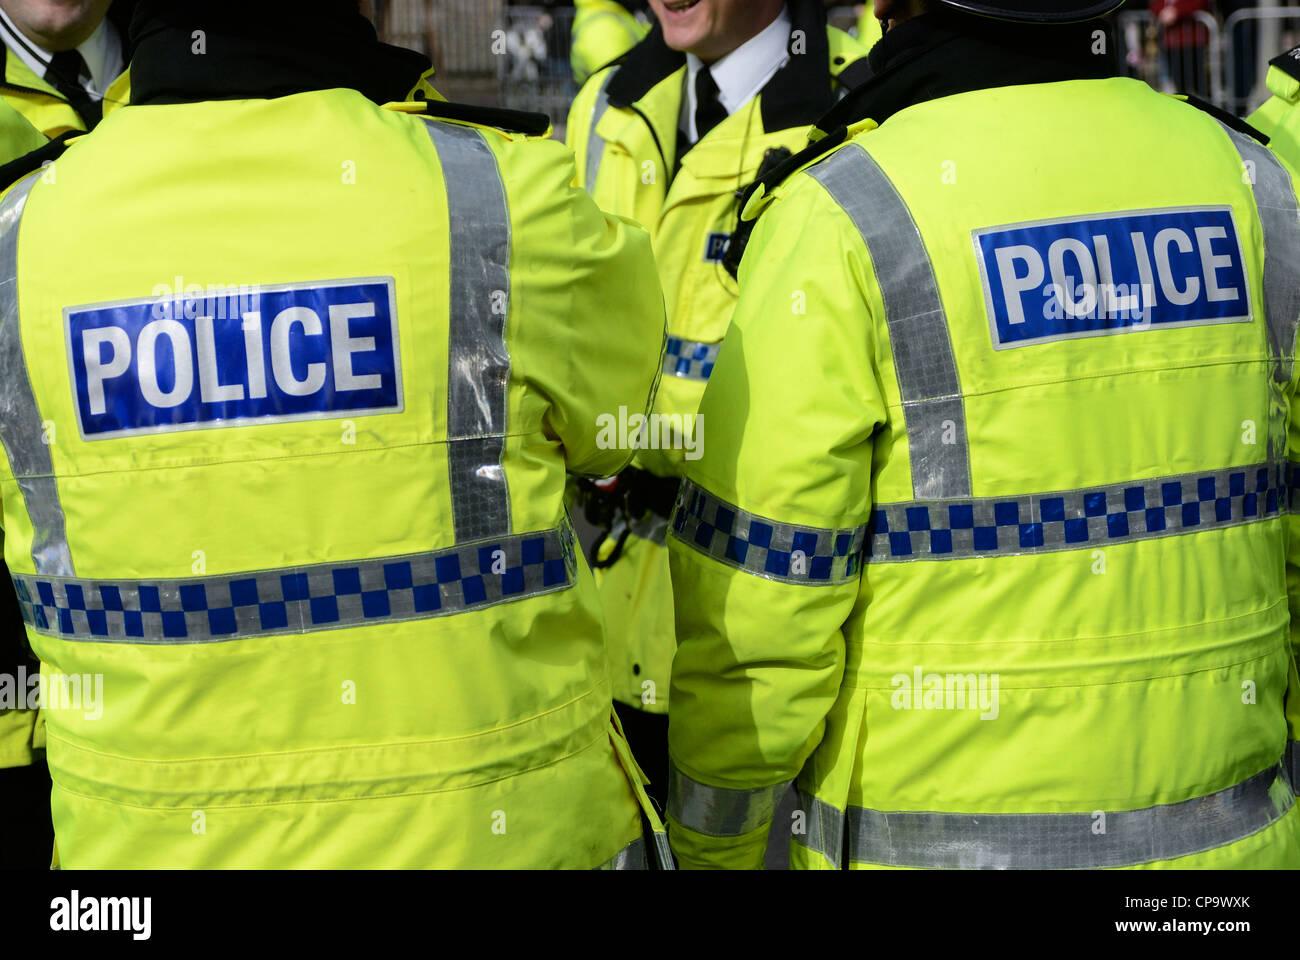 Die Polizei in fluoreszierenden gelben Jacken. Stockfoto